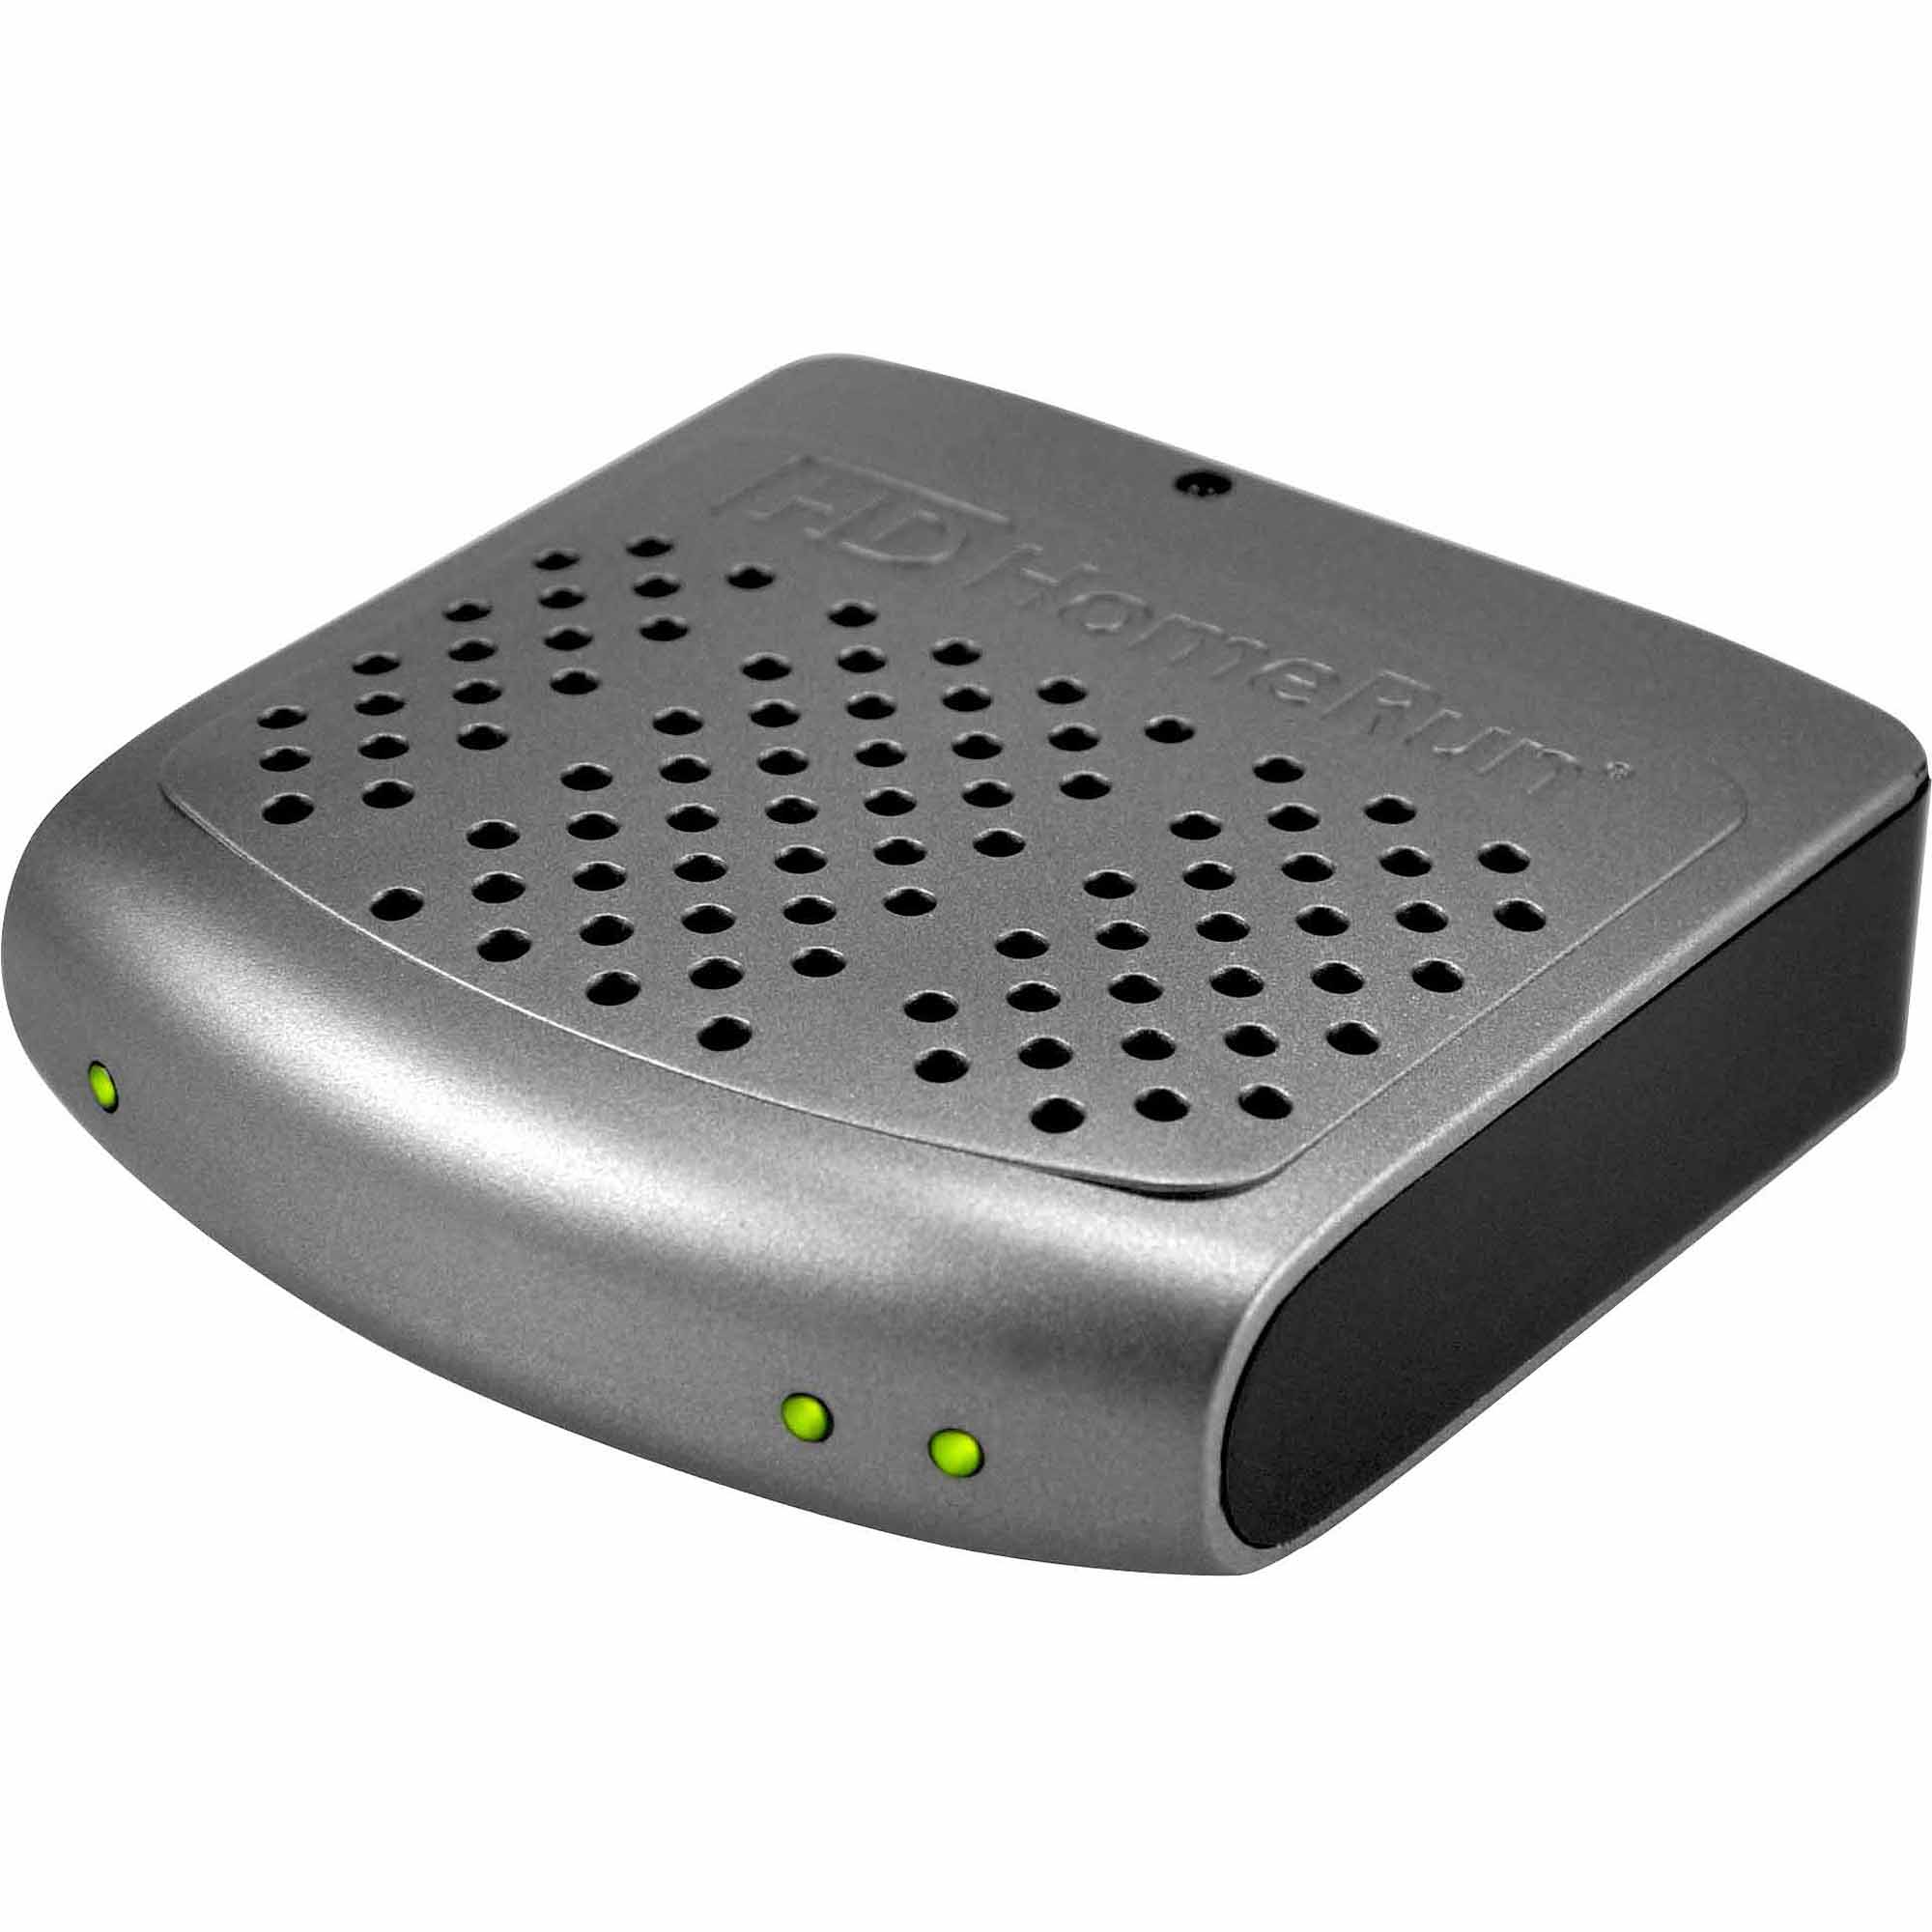 HD HomeRun ATSC Dual Tuner